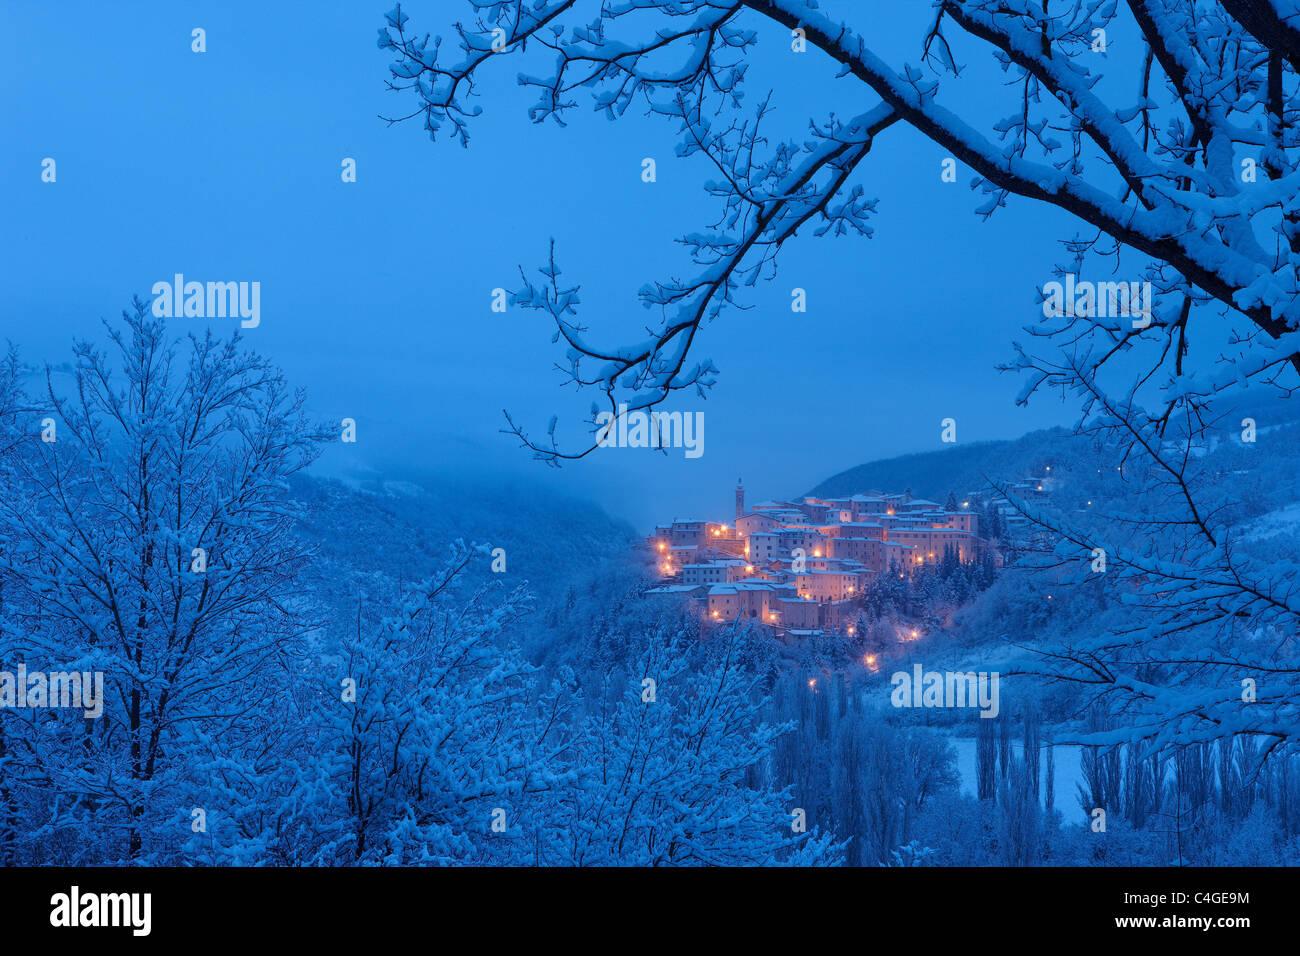 Preci all'alba in inverno, Valnerina, Parco Nazionale dei Monti Sibillini, Umbria, Italia Foto Stock